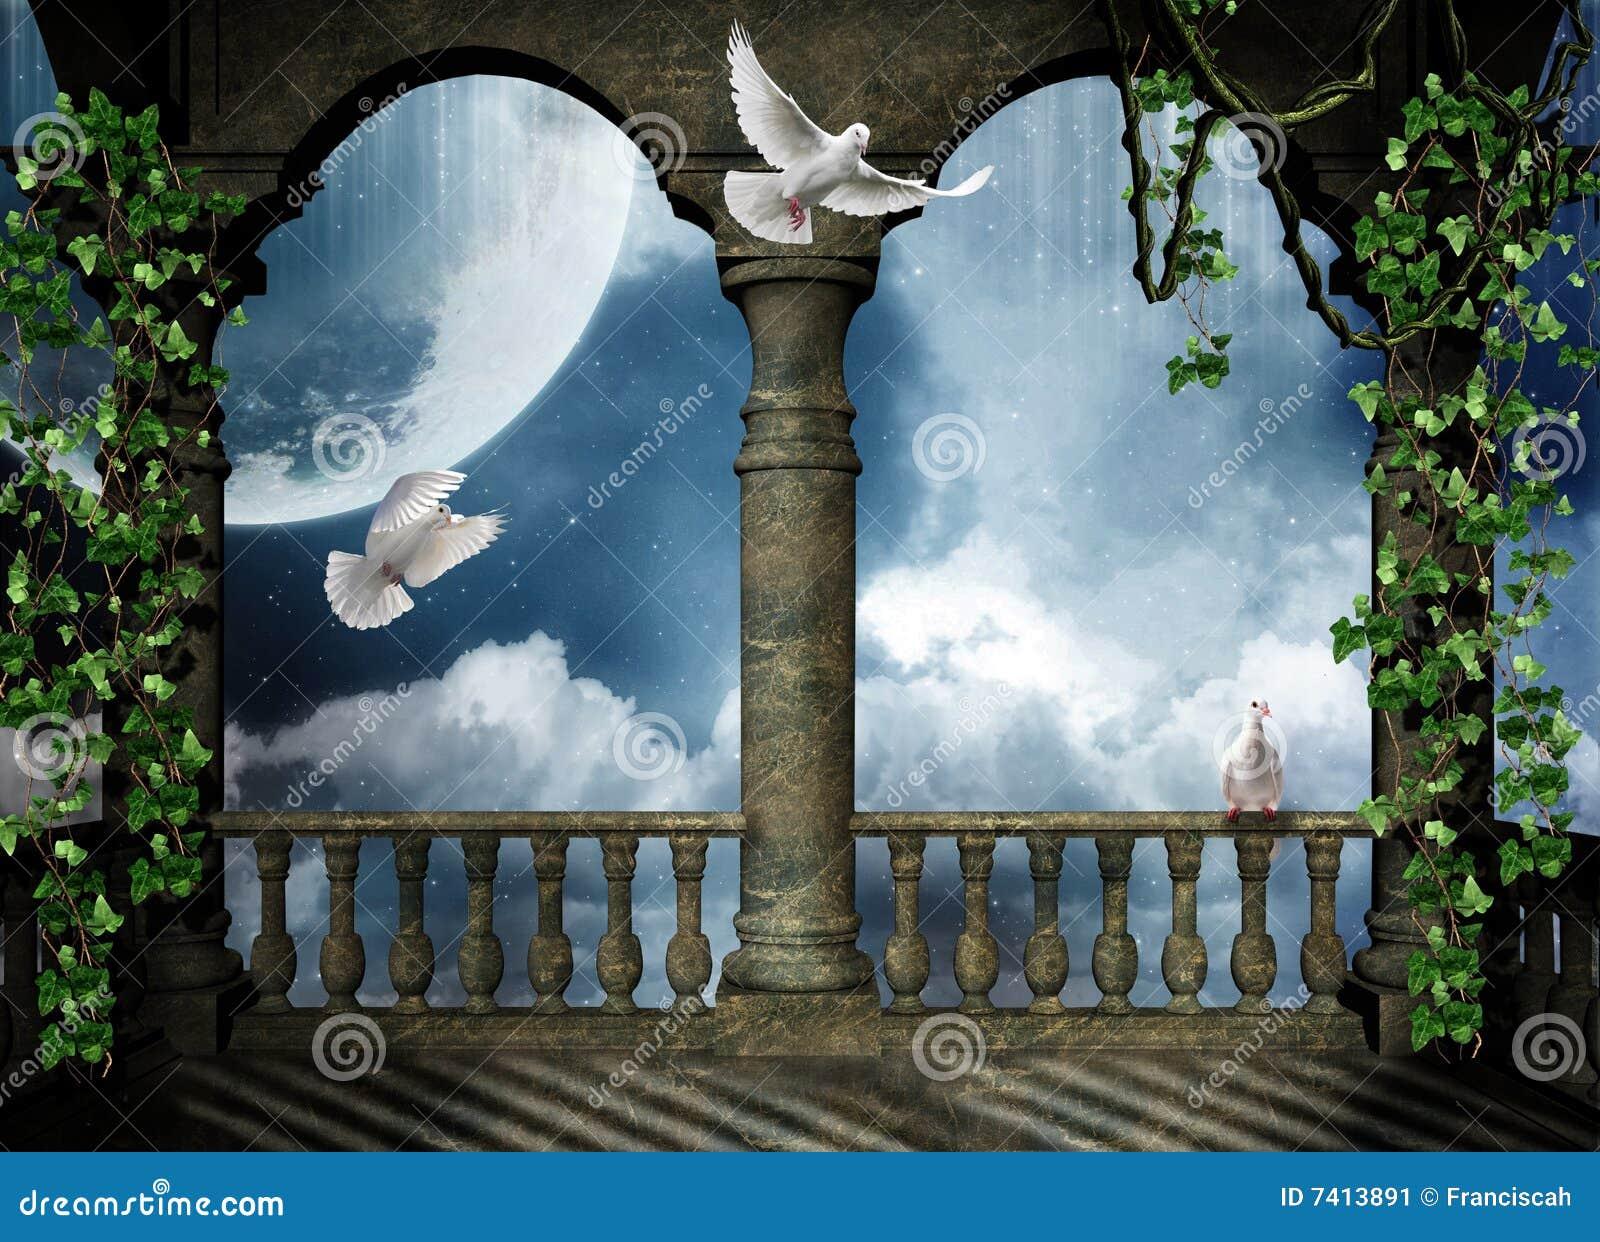 Balcony for the fantasy